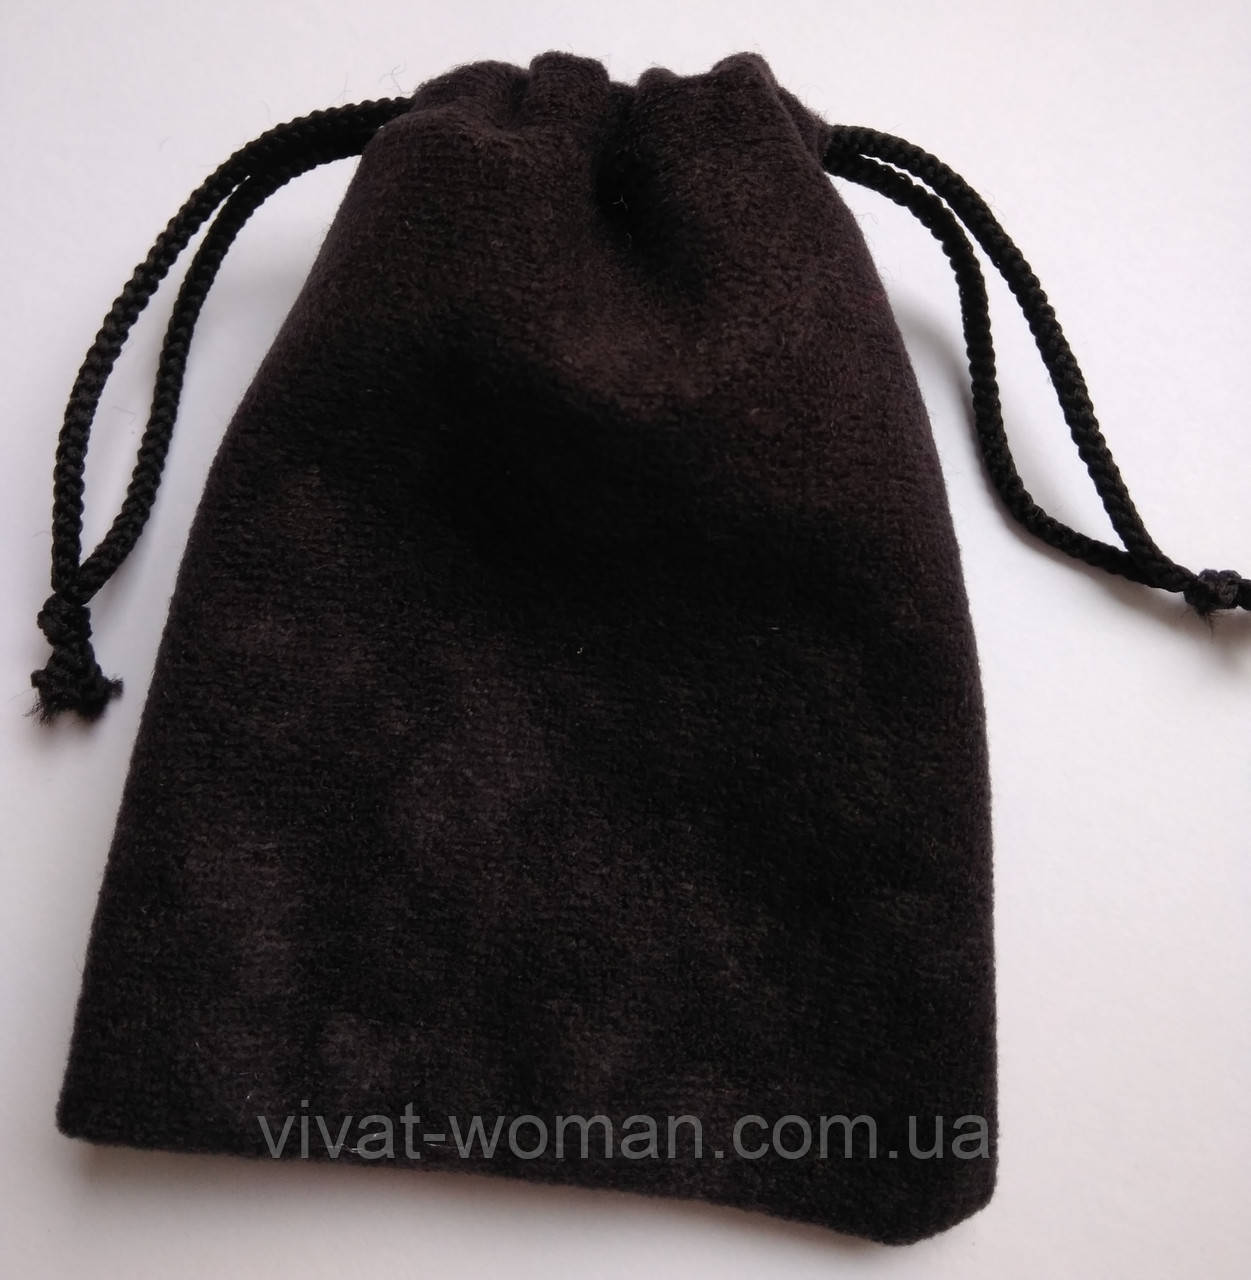 Мешочки ювелирные, бархат матовый черный 7х9 см, 1шт. Производство Украина